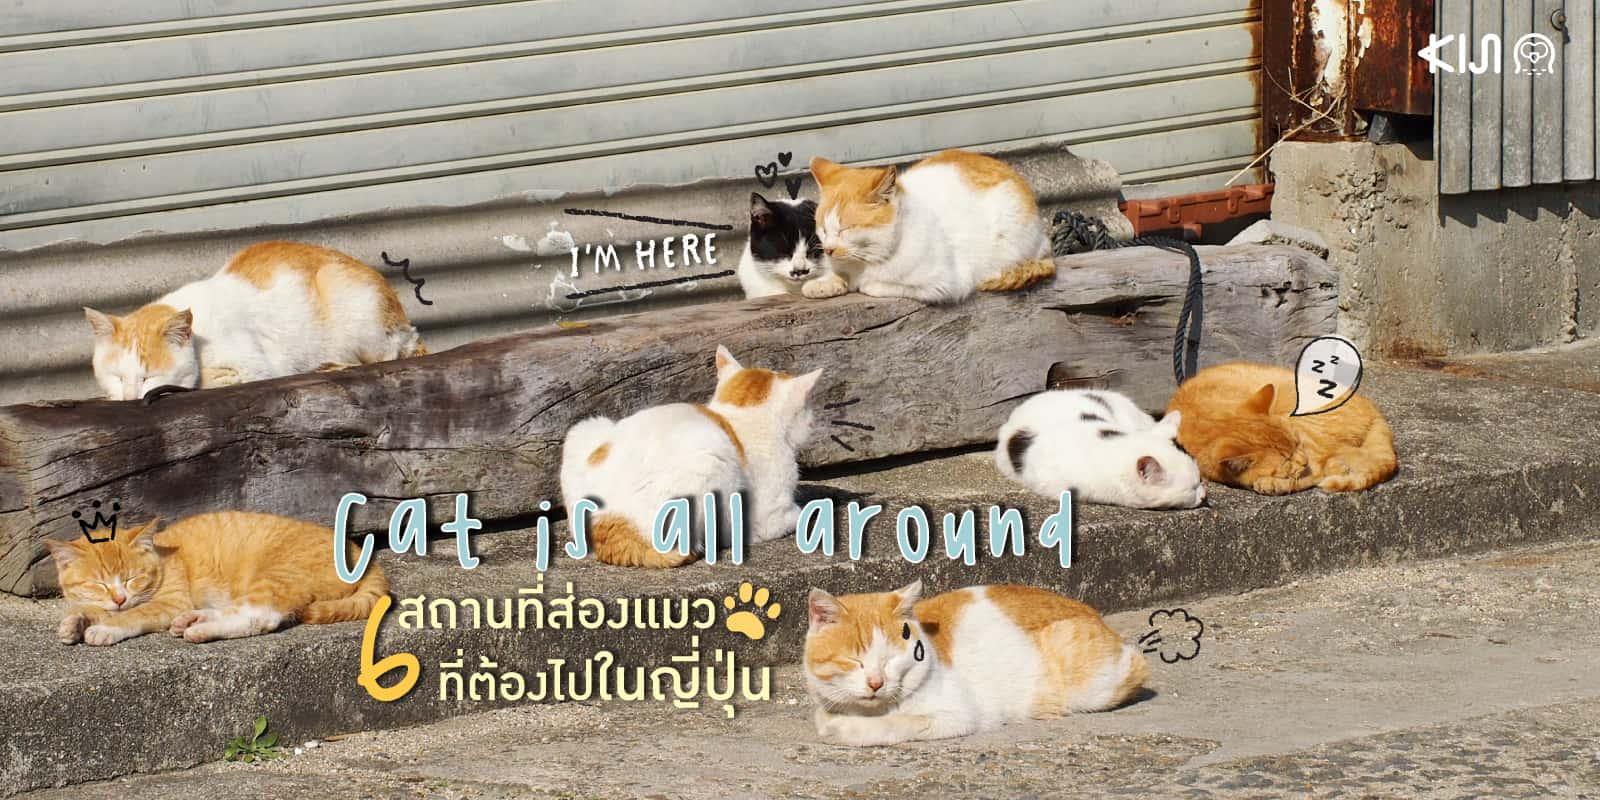 เกาะ แมว ใน ญี่ปุ่น (Cat island in Japan)